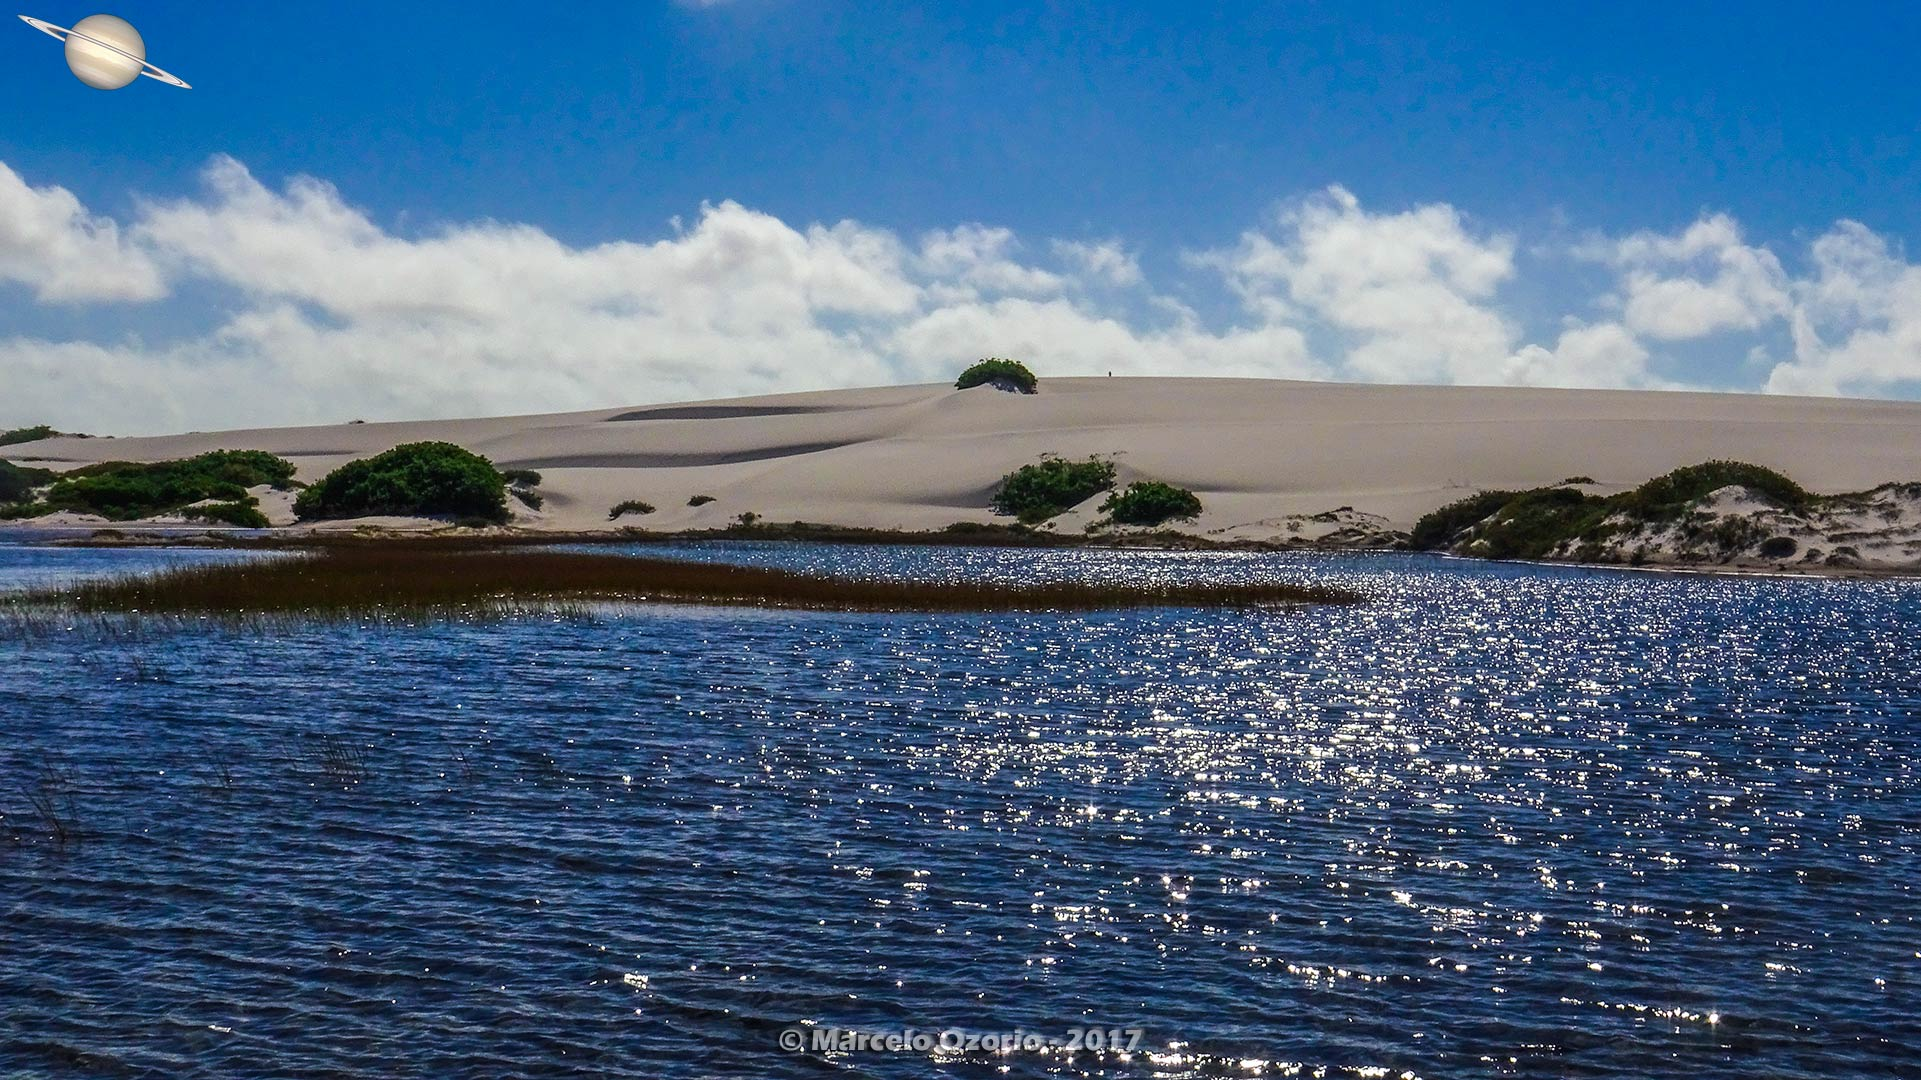 dia 3 explorando lencois maranhenses 42 - Explorando o Centro do Parque Nacional dos Lençóis Maranhenses - Brasil